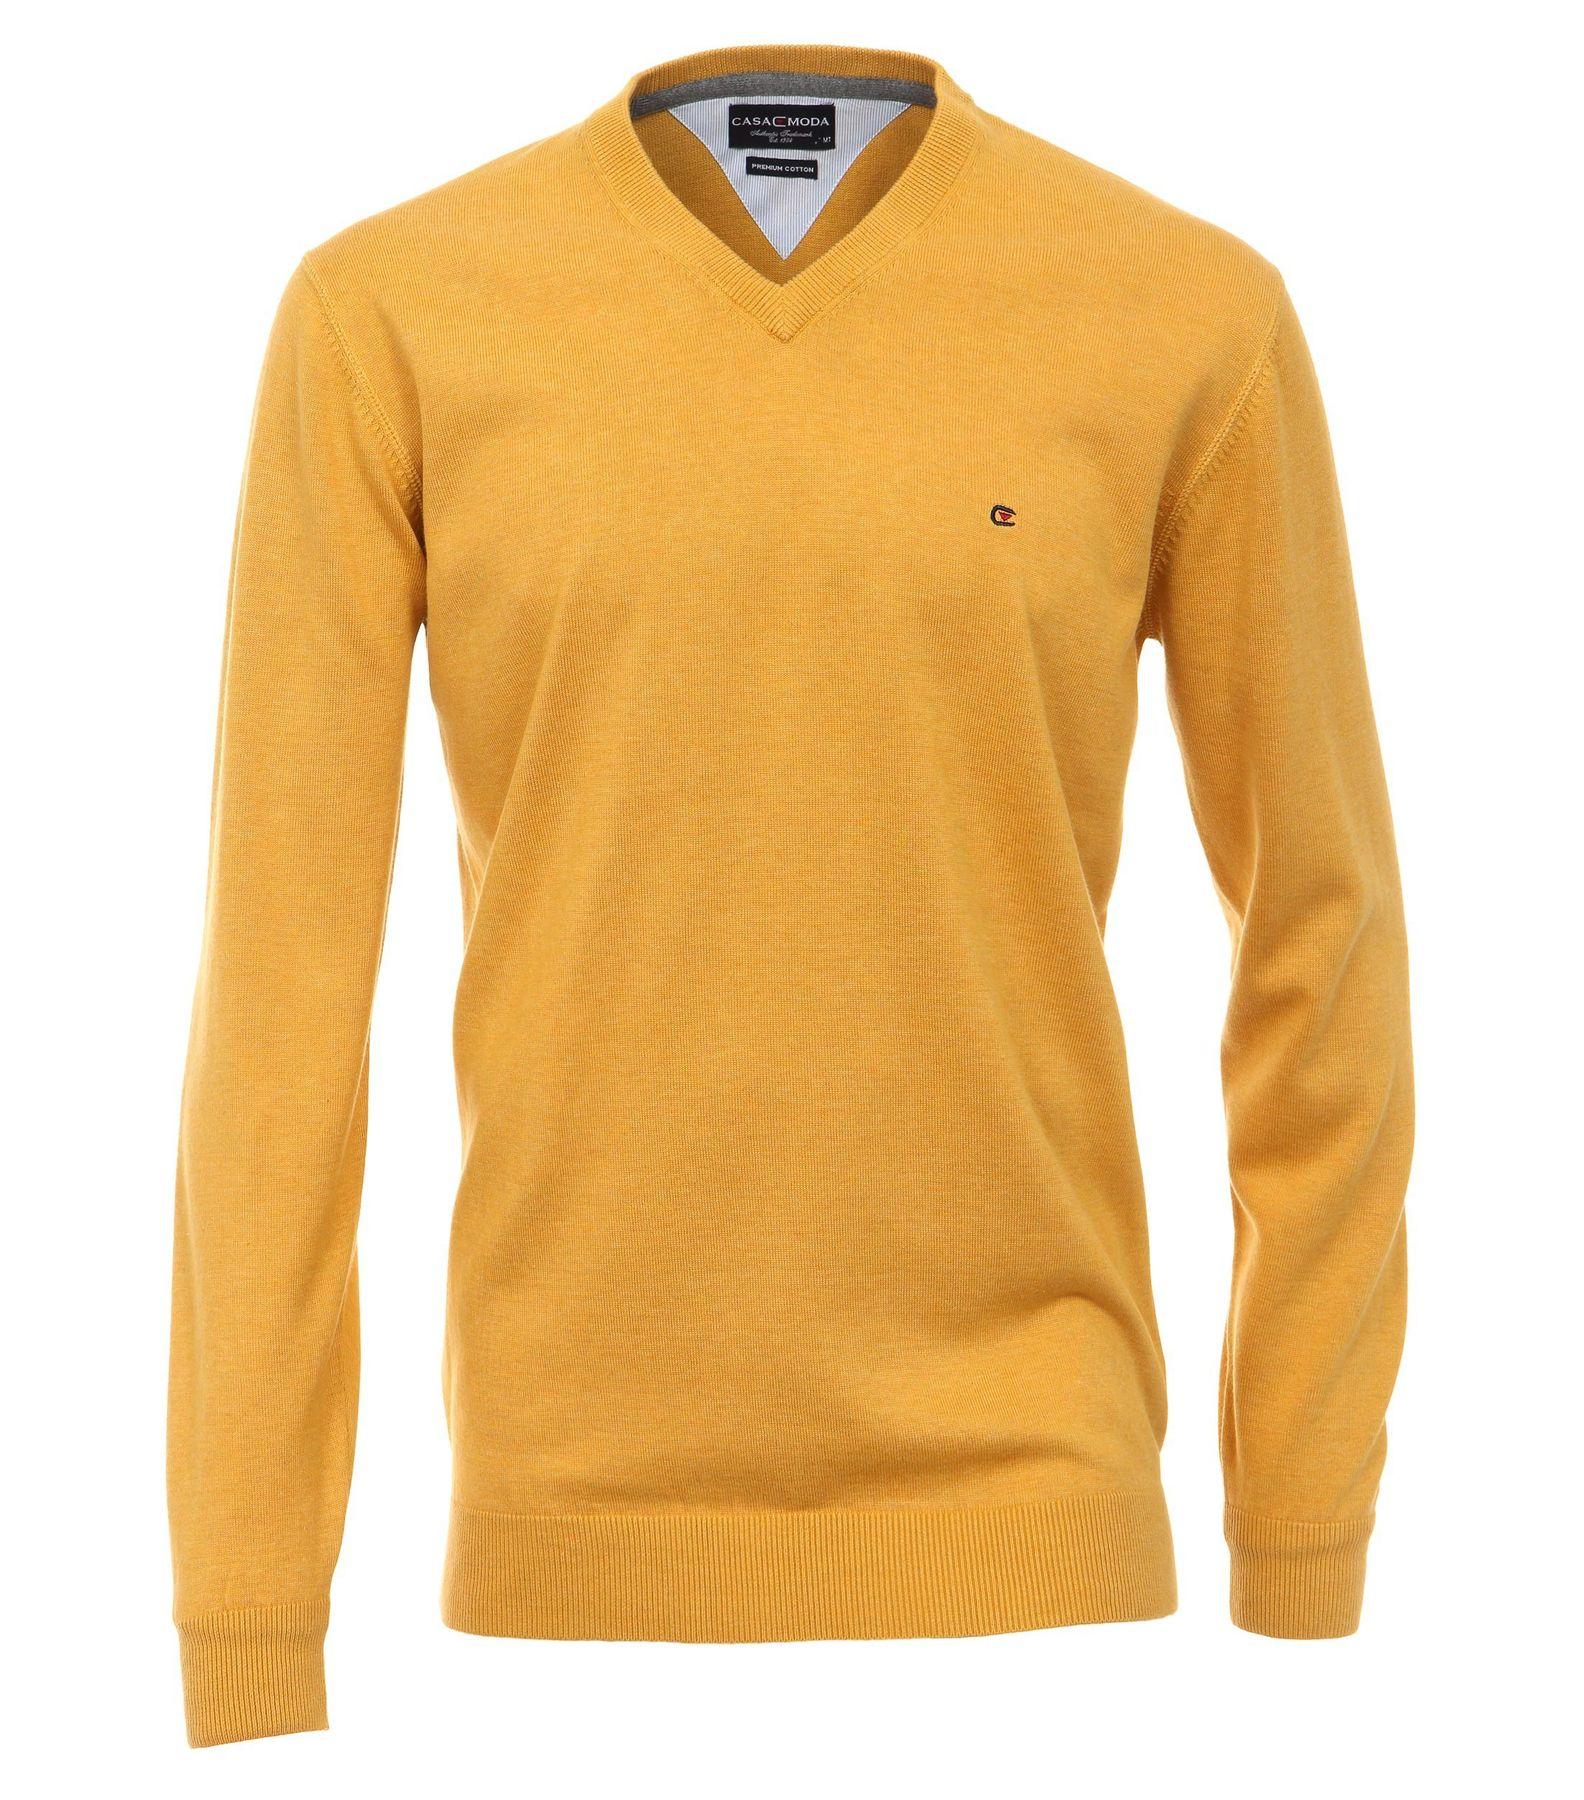 Casa Moda - Herren Pullover mit extra langem Arm (72 cm) und V-Ausschnitt in verschiedenen Farben (401300202) – Bild 9